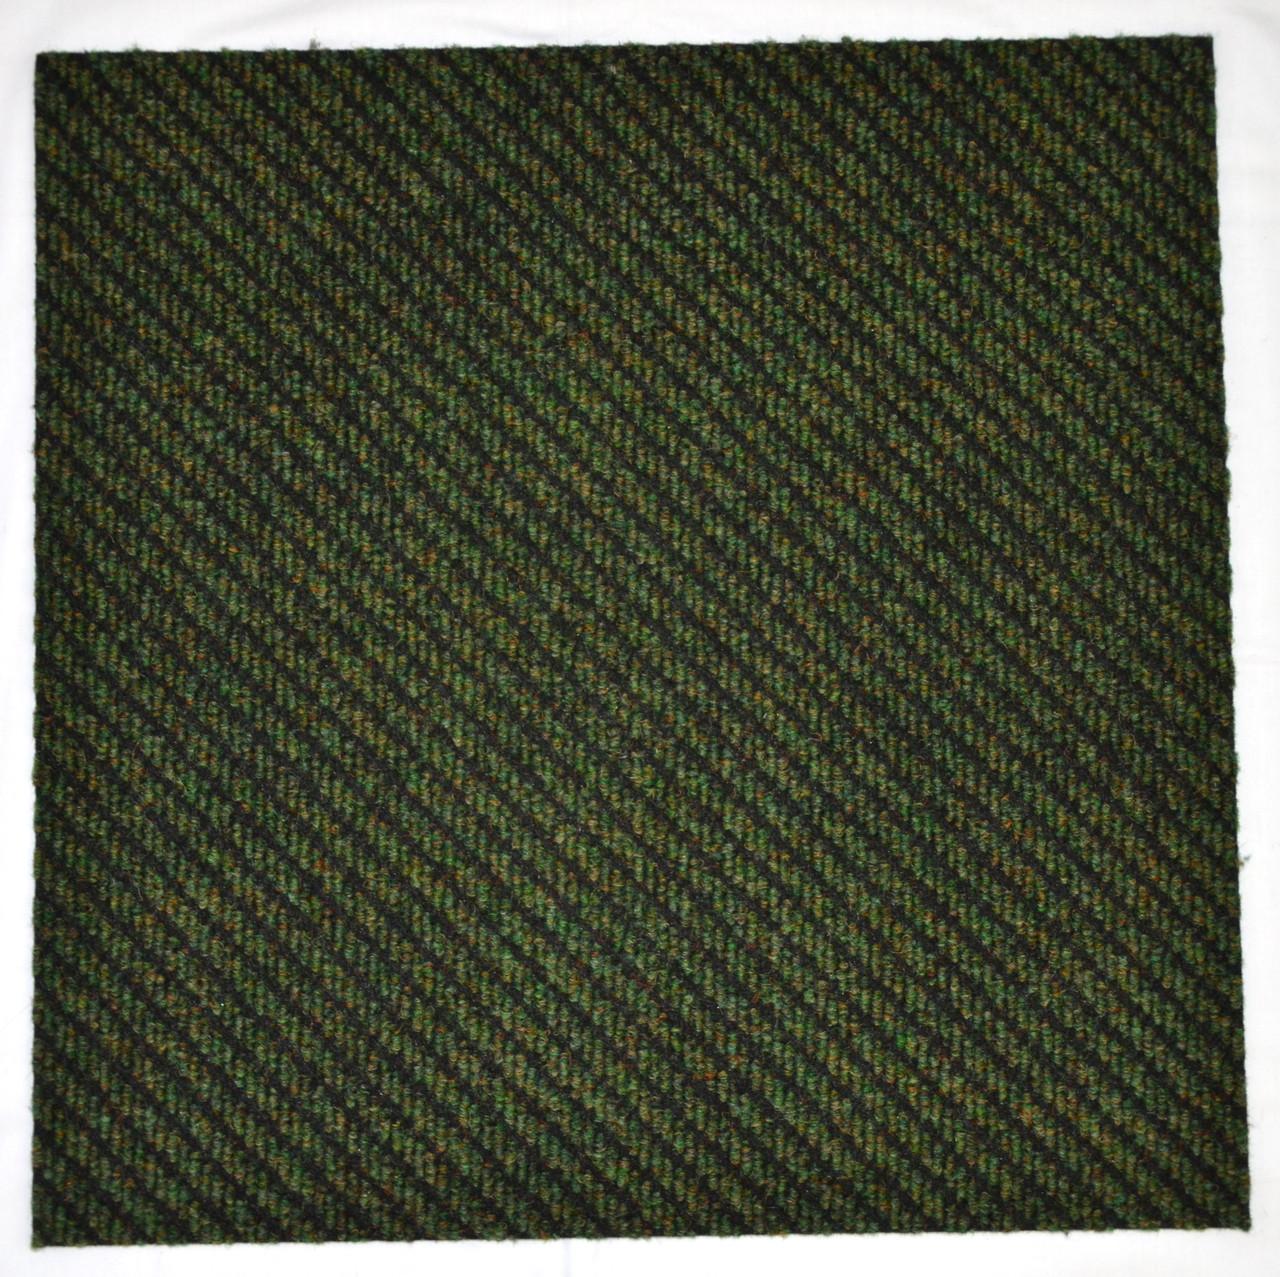 Diy Indoor Outdoor Anti Slip Carpet Tile Squares